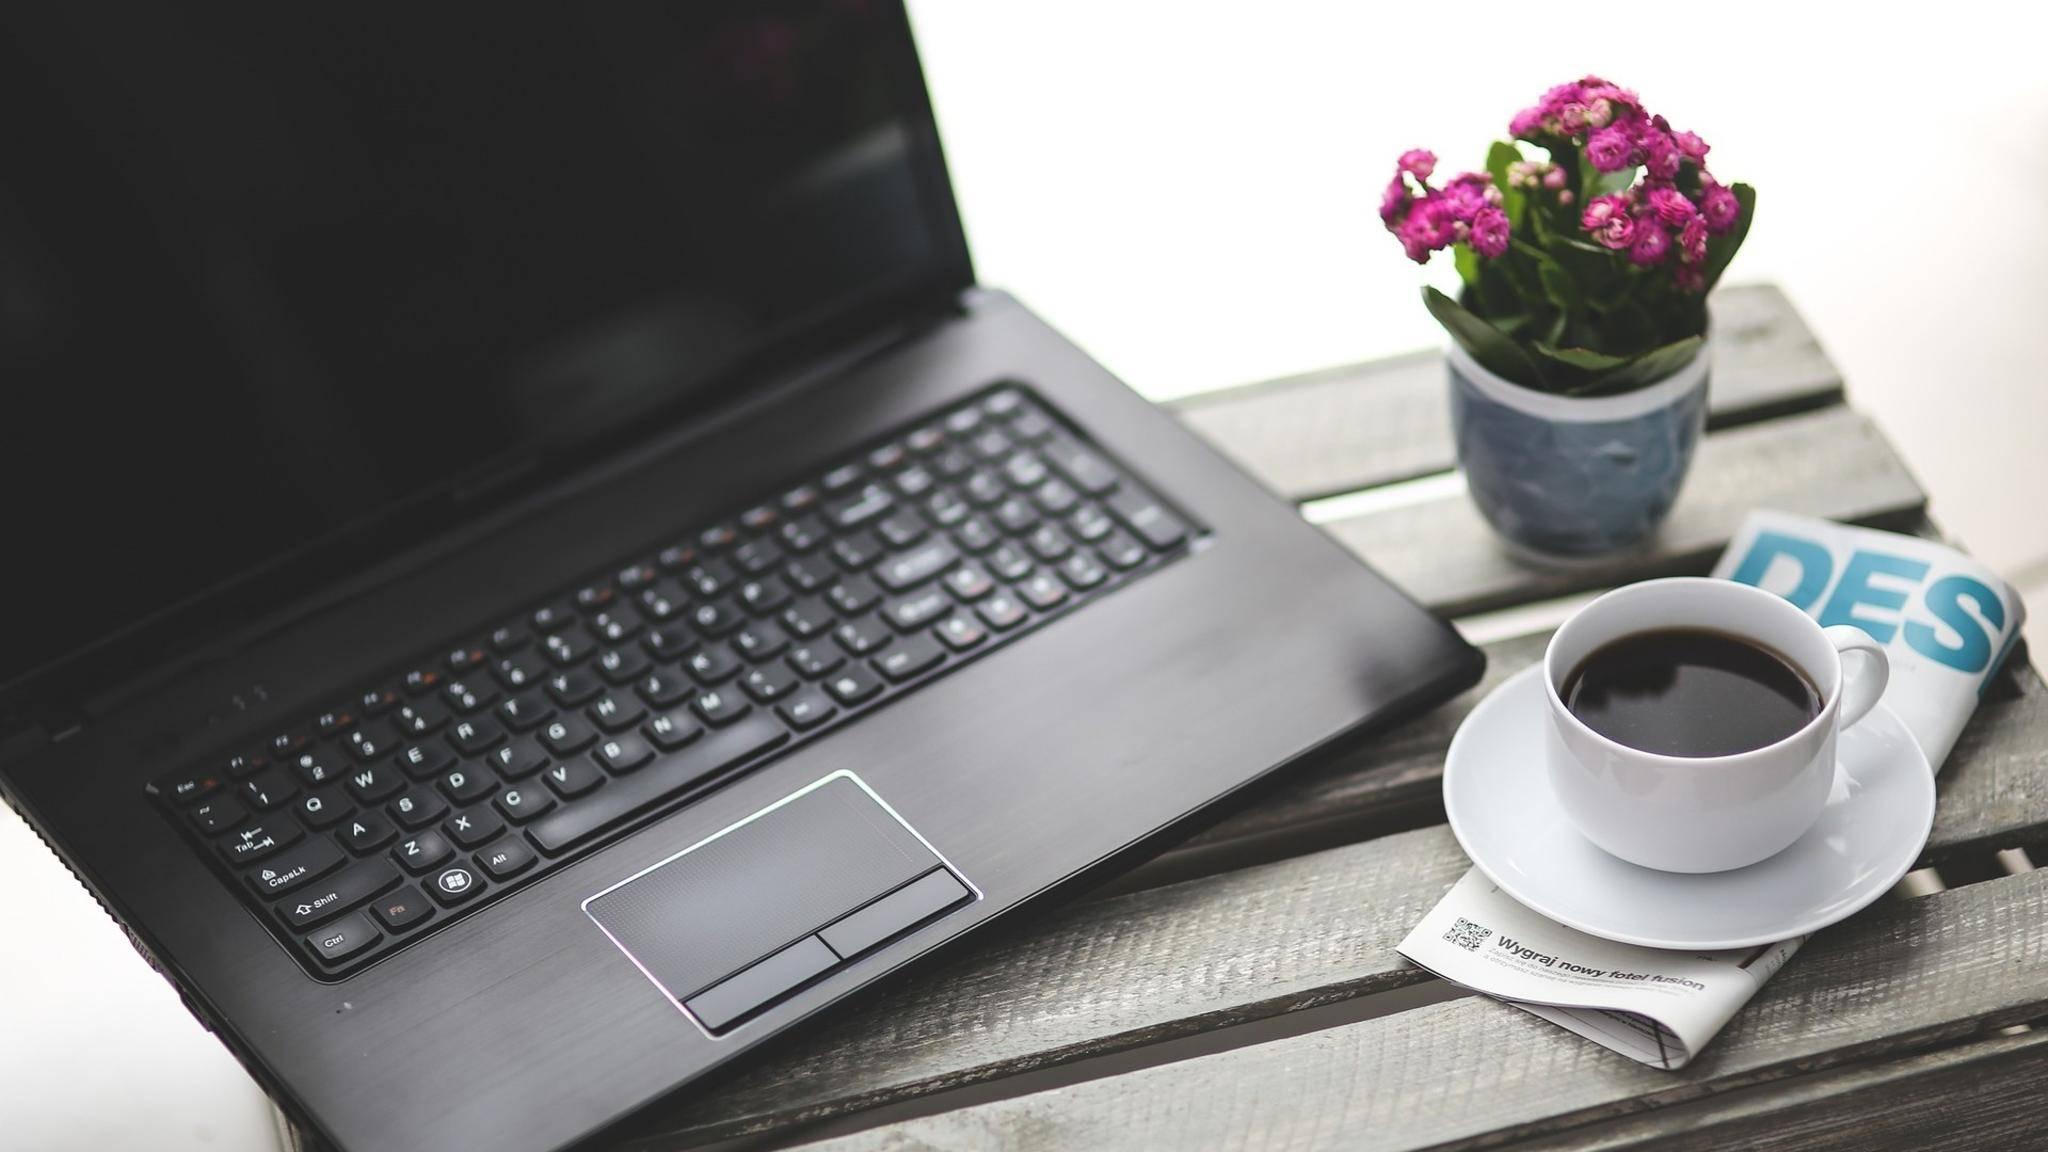 Mit diesen Tipps kannst Du Deinen PC auf das Creators Update vorbereiten.